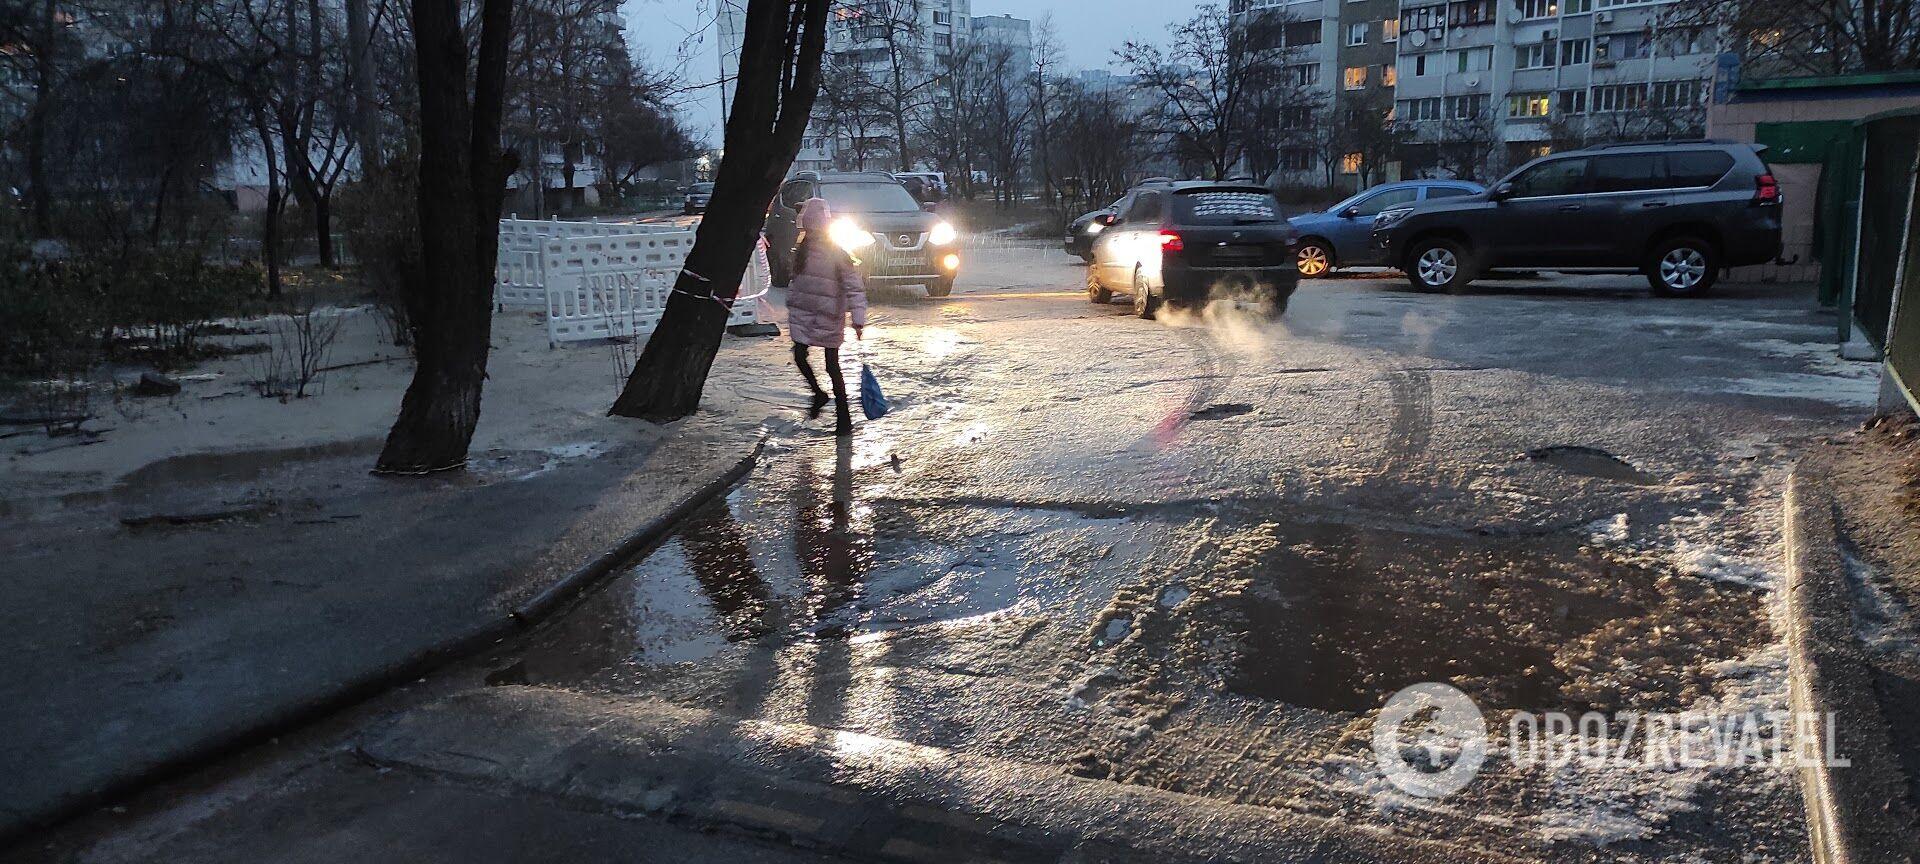 Из-за мороза дорога рядом с местом аварии превратилась в каток.